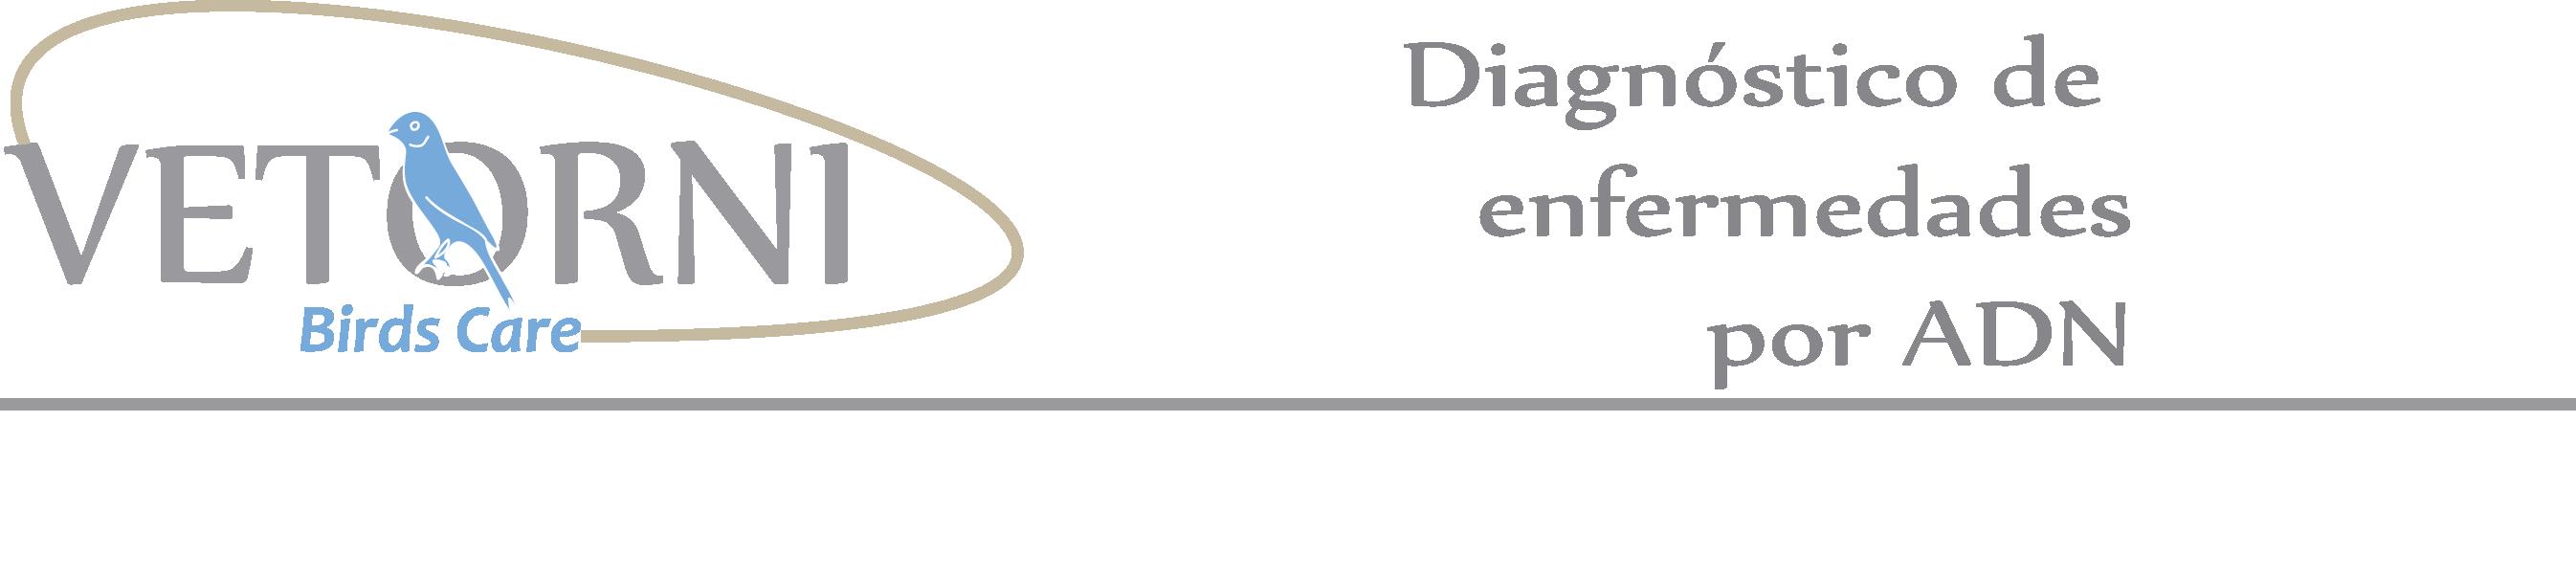 Diagnóstico de enfermedades mediante análisis moleculares(ADN)